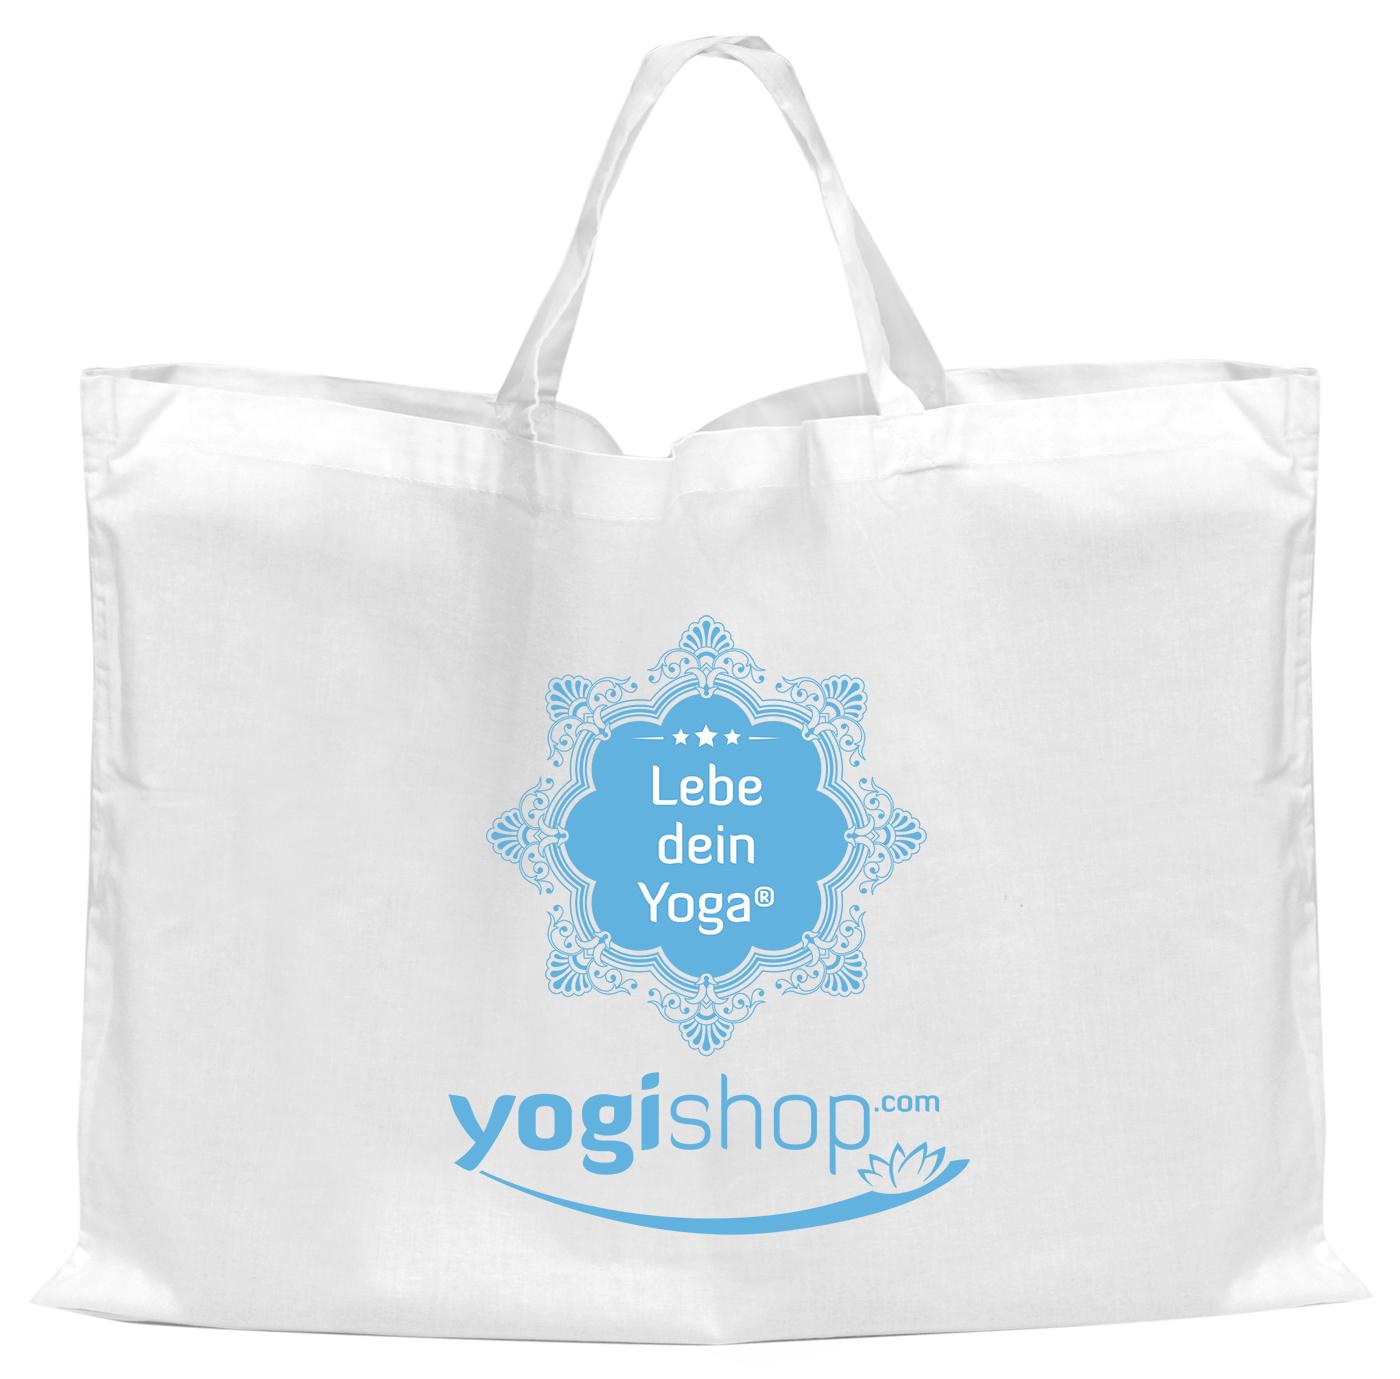 """Baumwolltasche """"Yogishop"""", groß"""